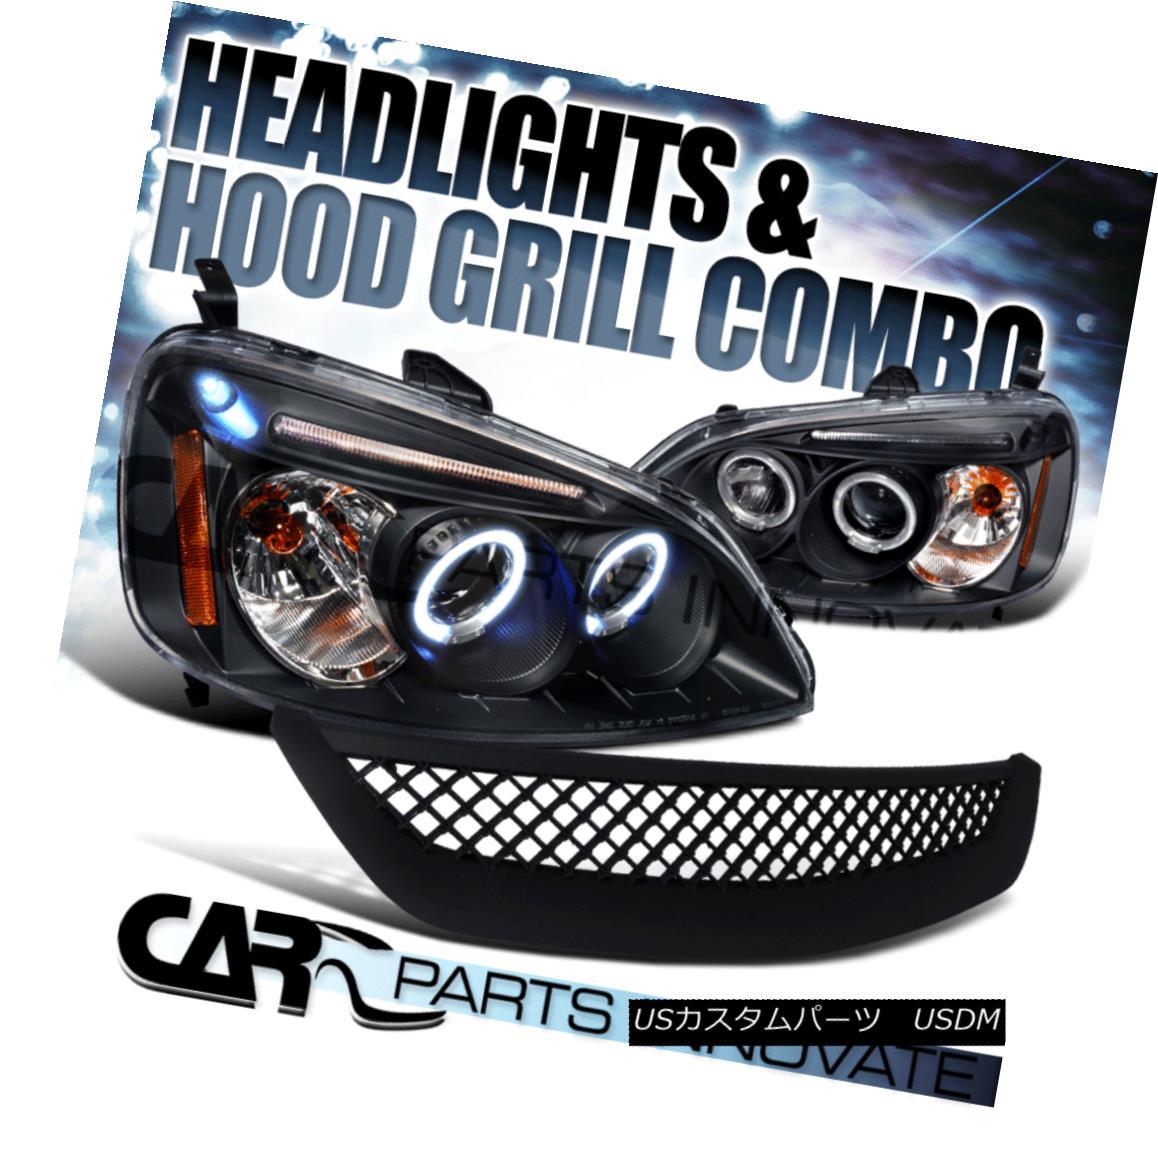 グリル For Honda 01-03 Civic 2/4Dr Black Halo LED Projector Headlight+Mesh Hood Grille ホンダ用01-03シビック2 / 4DrブラックハローLEDプロジェクターヘッドライト+メッシュフードグリル